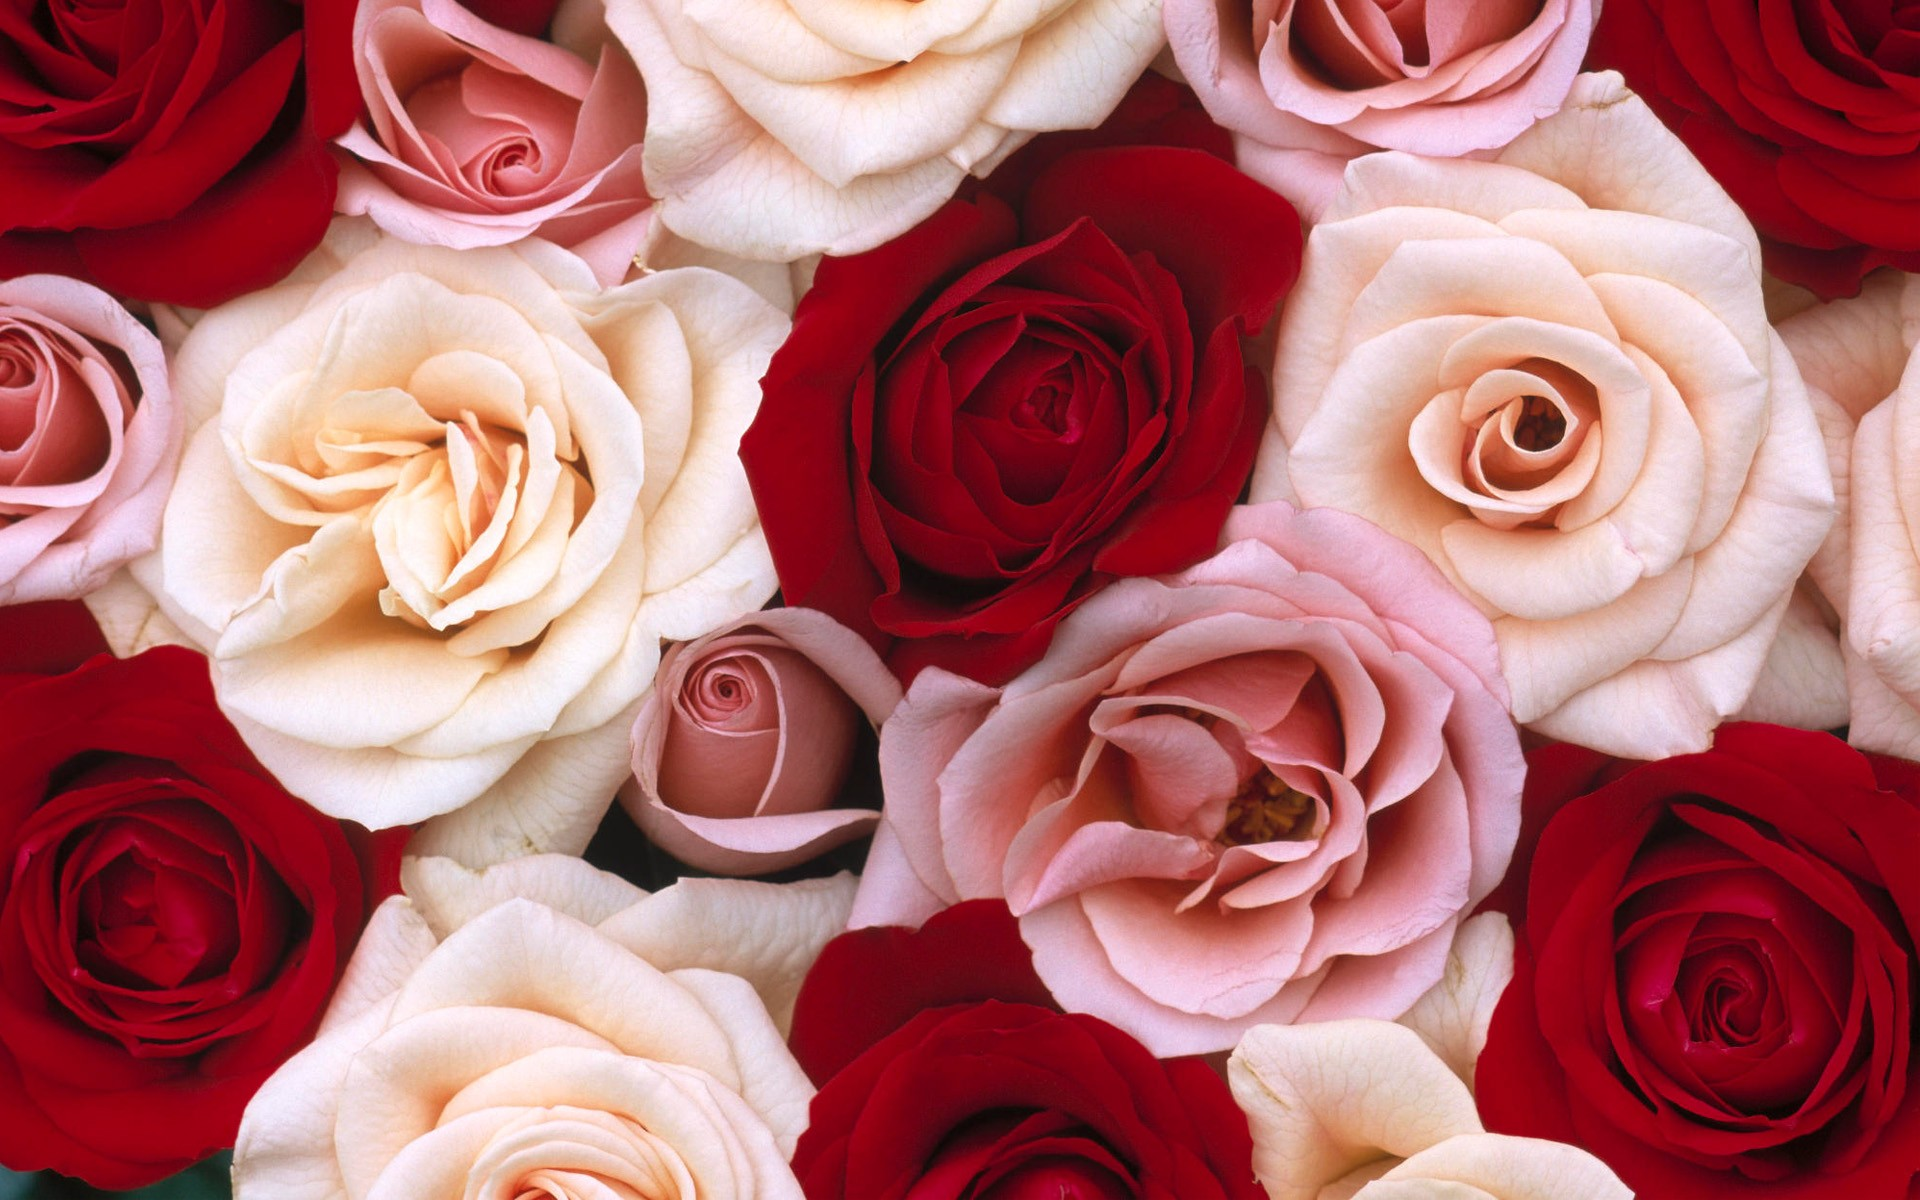 популярный картинки на рабочий стол цветы красивые розы только проснулся